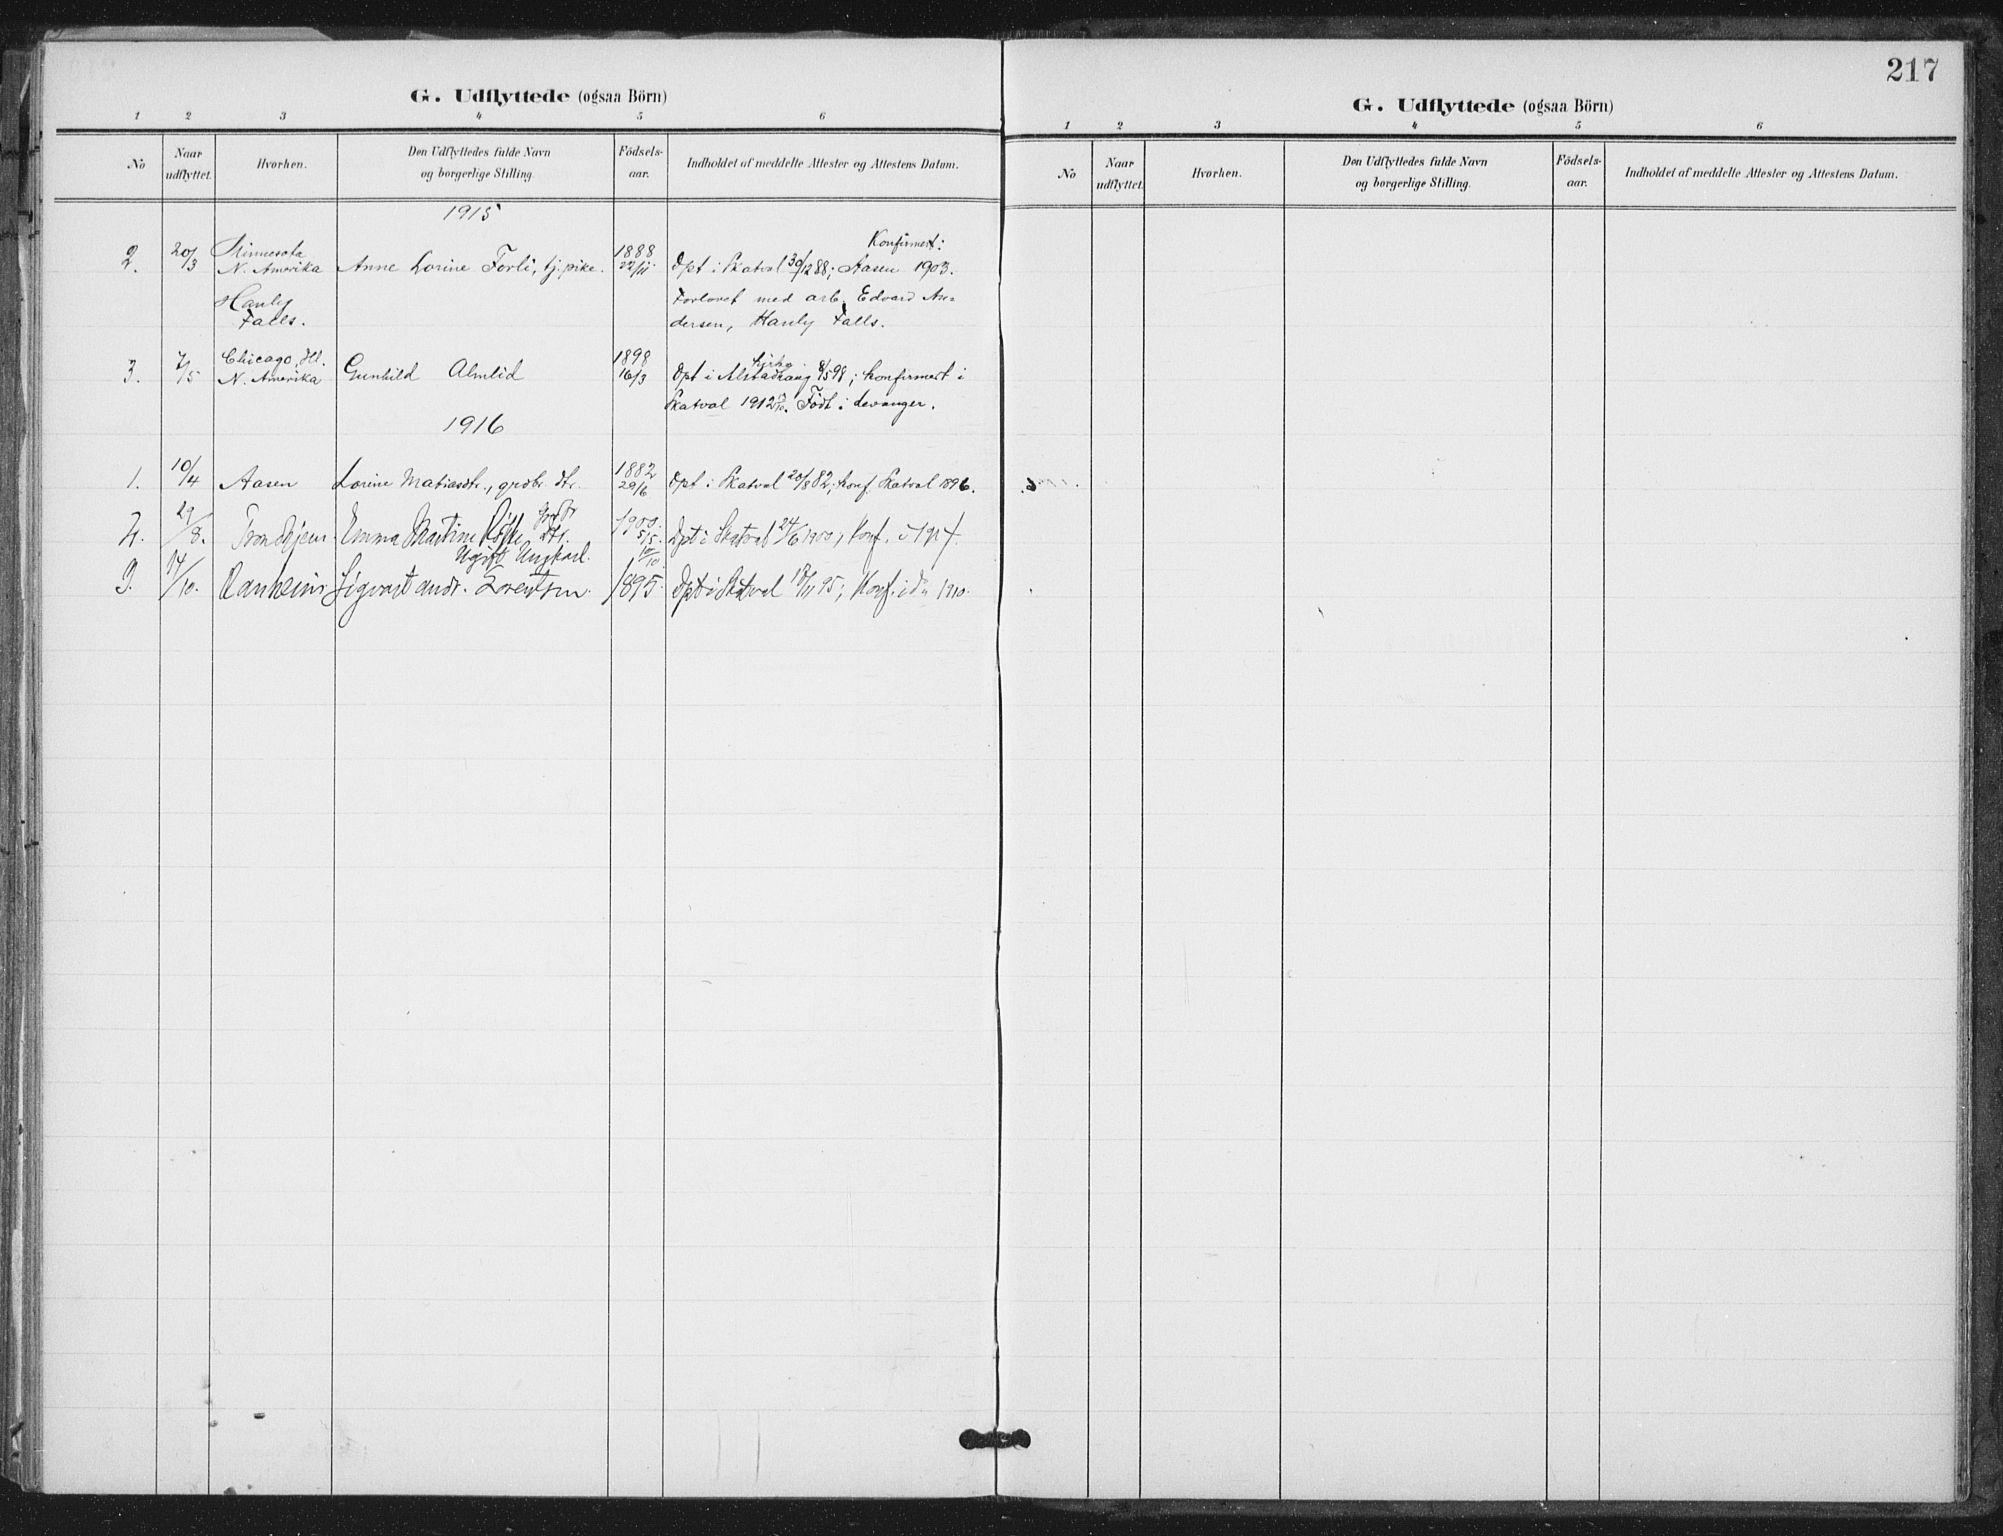 SAT, Ministerialprotokoller, klokkerbøker og fødselsregistre - Nord-Trøndelag, 712/L0101: Ministerialbok nr. 712A02, 1901-1916, s. 217